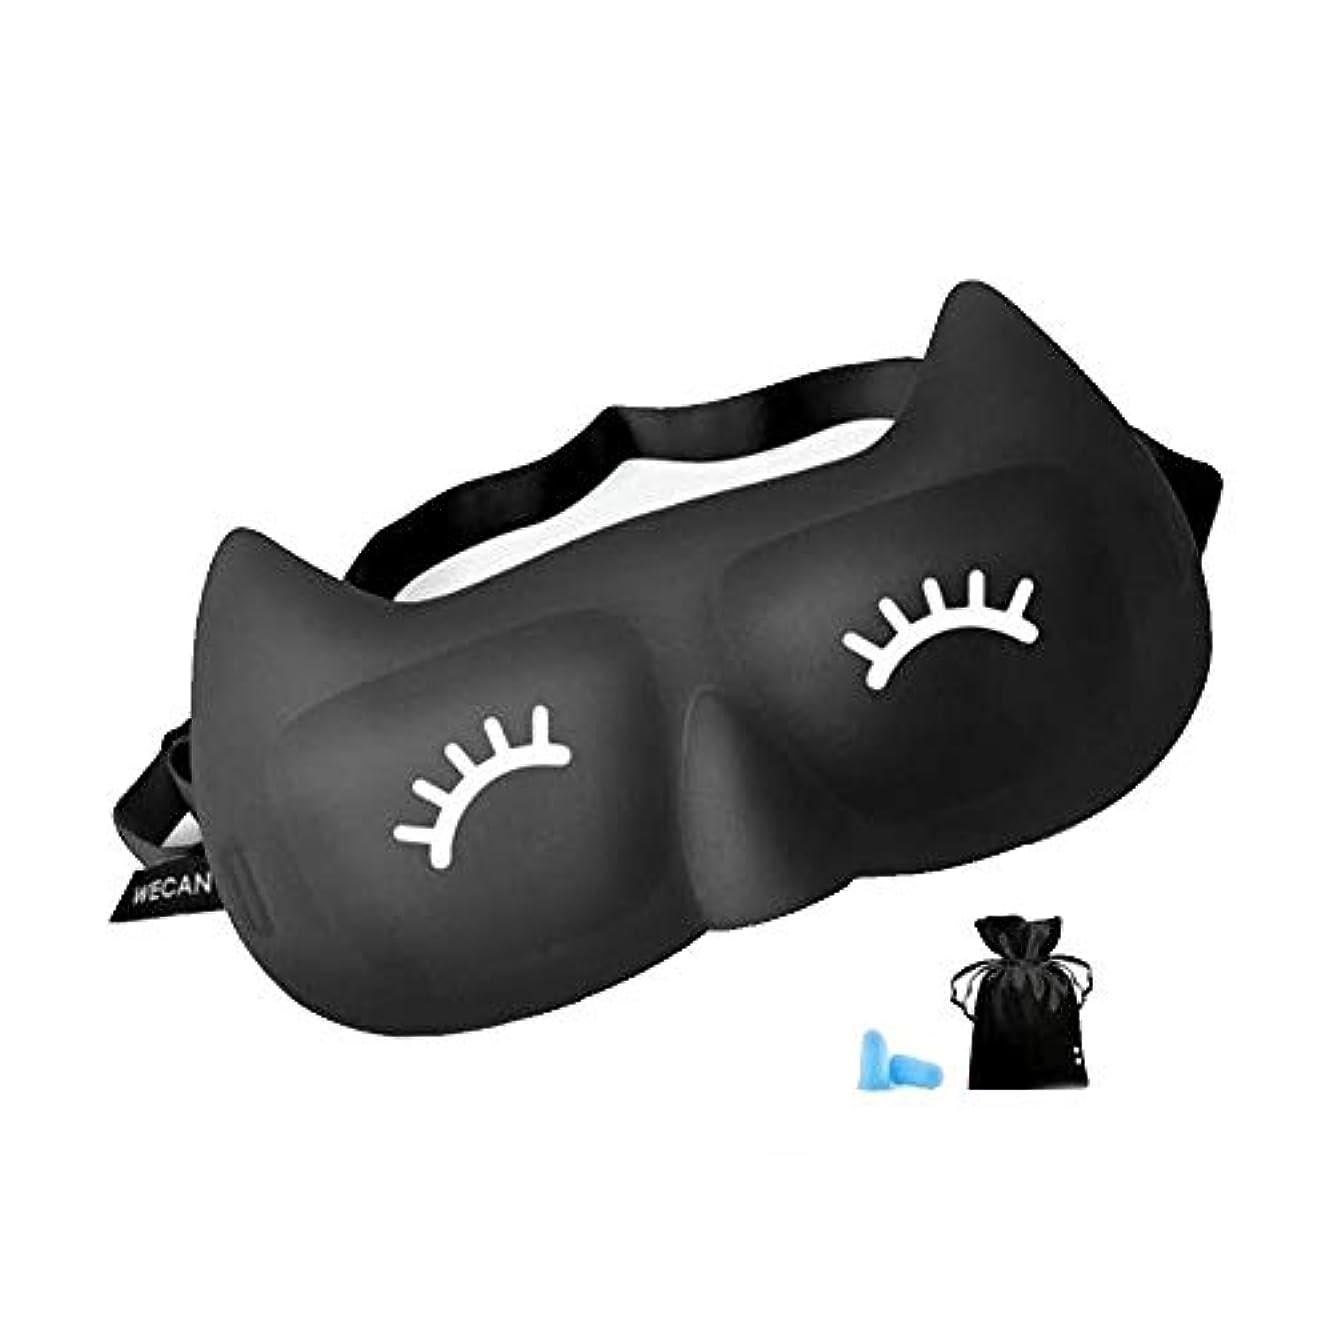 サルベージ毎月活気づけるHUICHEN 3Dゴーグルゴーグルゴーグル耳栓騒音防止睡眠睡眠睡眠停電ゴーグルの男性と女性の通気性の夏の快適カバーキュートな3次元ゴーグルゴーグル (Color : F)